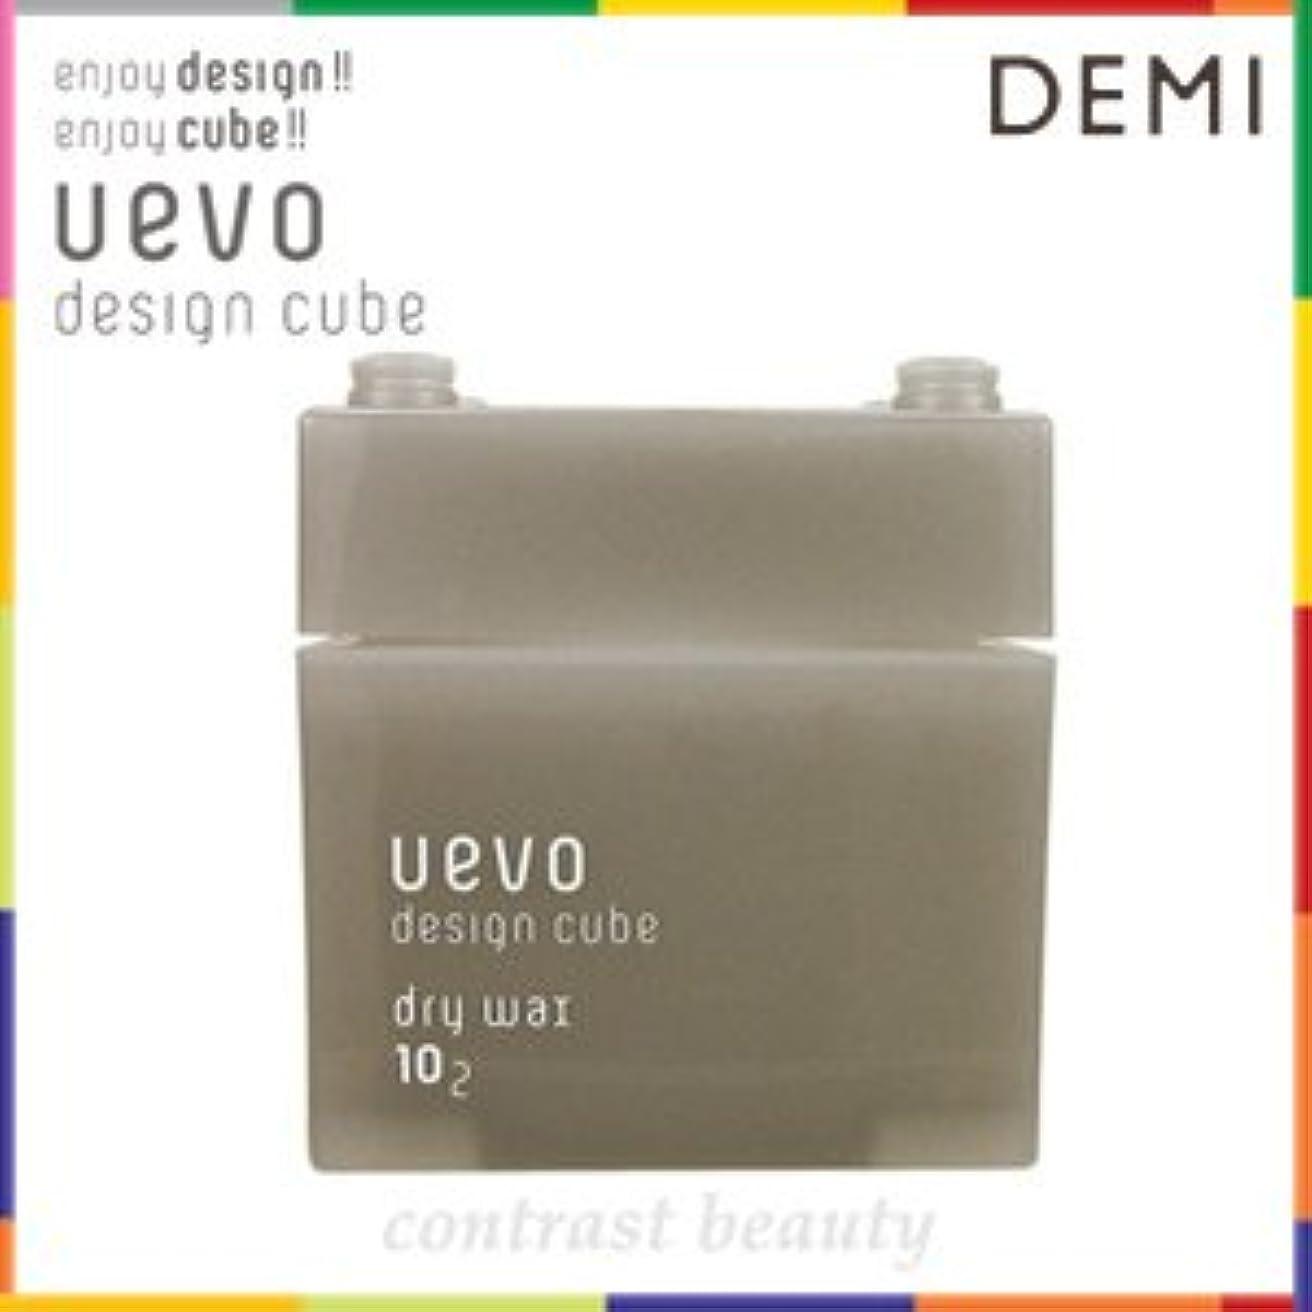 類推首尾一貫した敗北【X4個セット】 デミ ウェーボ デザインキューブ ドライワックス 80g dry wax DEMI uevo design cube